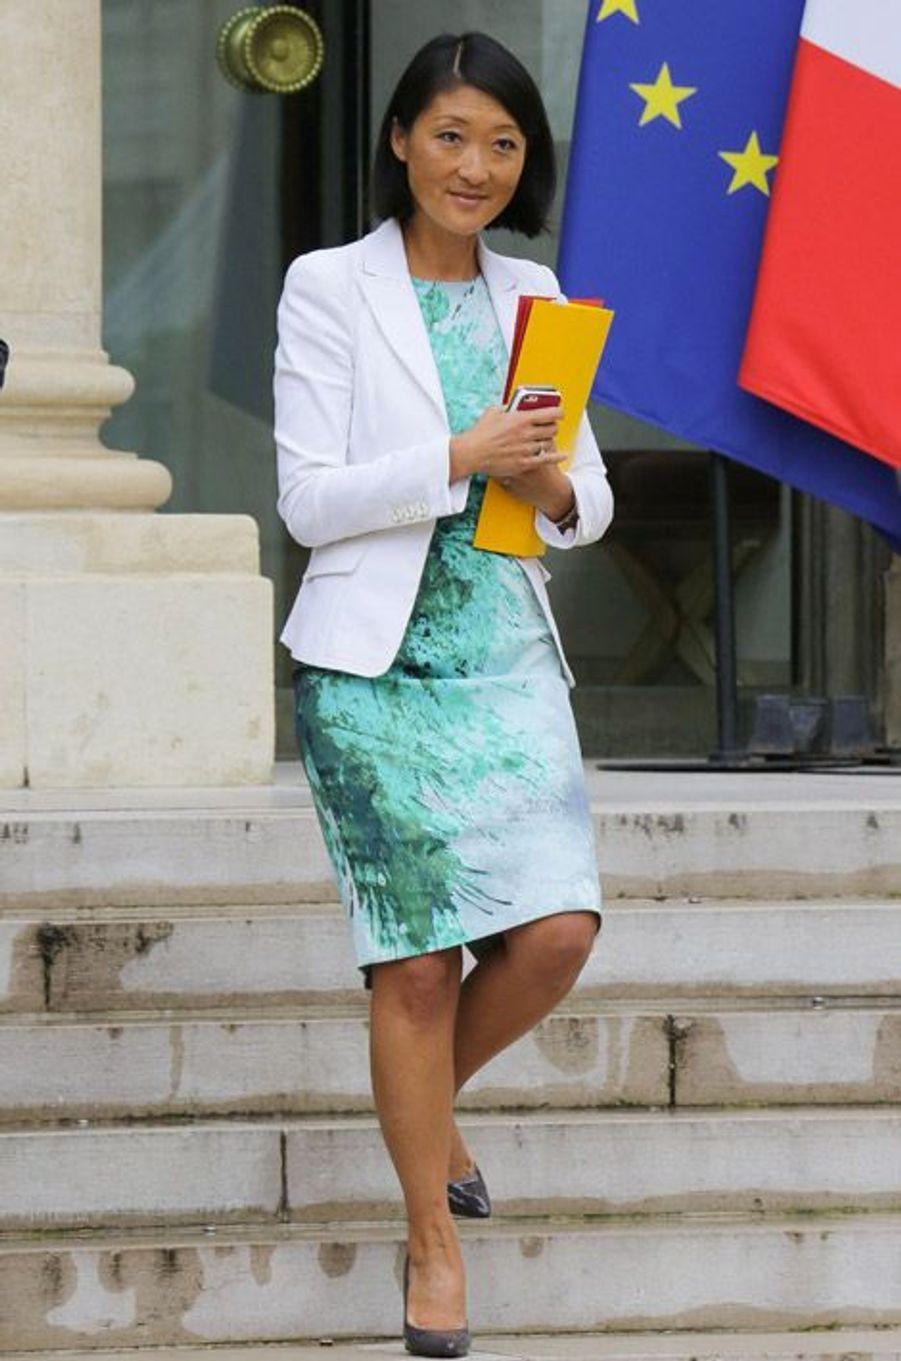 Fleur Pellerin, nouvelle ministre de la Culture, lors du premier conseil des ministres du gouvernement Valls 2 à Paris, le 27 août 2014